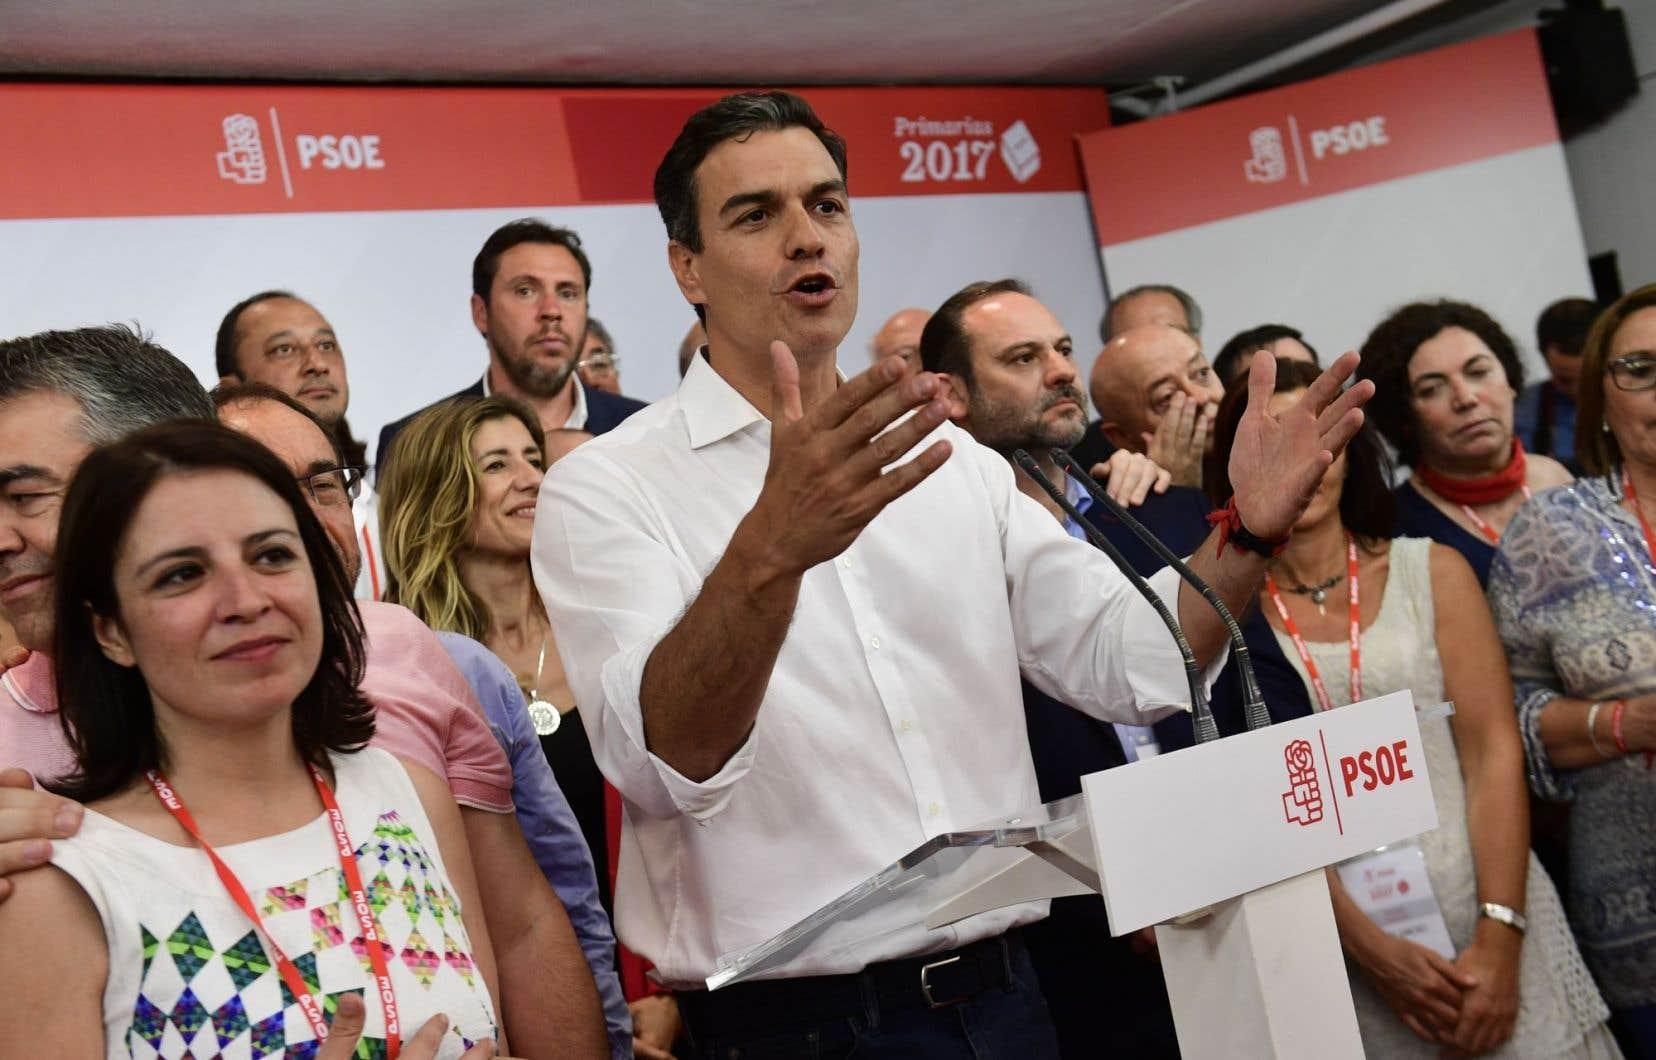 Pedro Sanchez a réussi à séduire les militants socialistes en continuant à attaquer sans relâche le conservateur Mariano Rajoy.